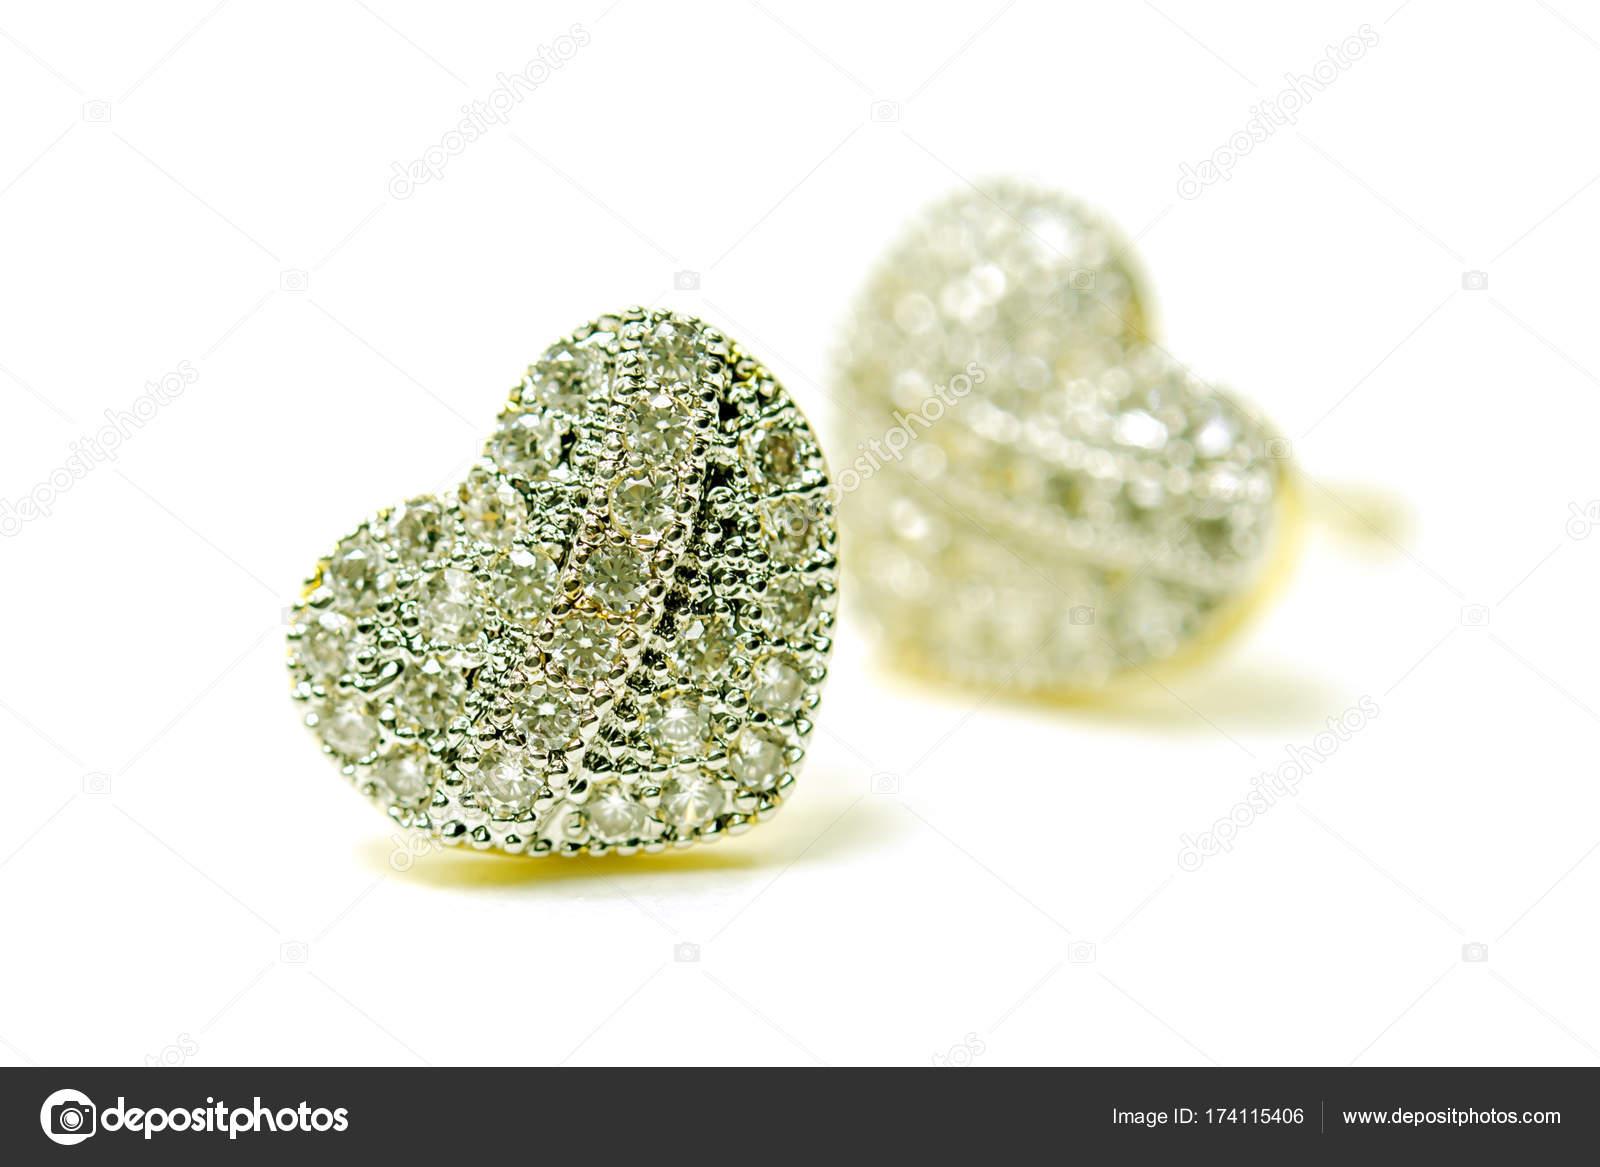 Guld hänge cameo örhänge smycken i hjärtat forma med diamant jag — Stockfoto 6ac12e78a0058